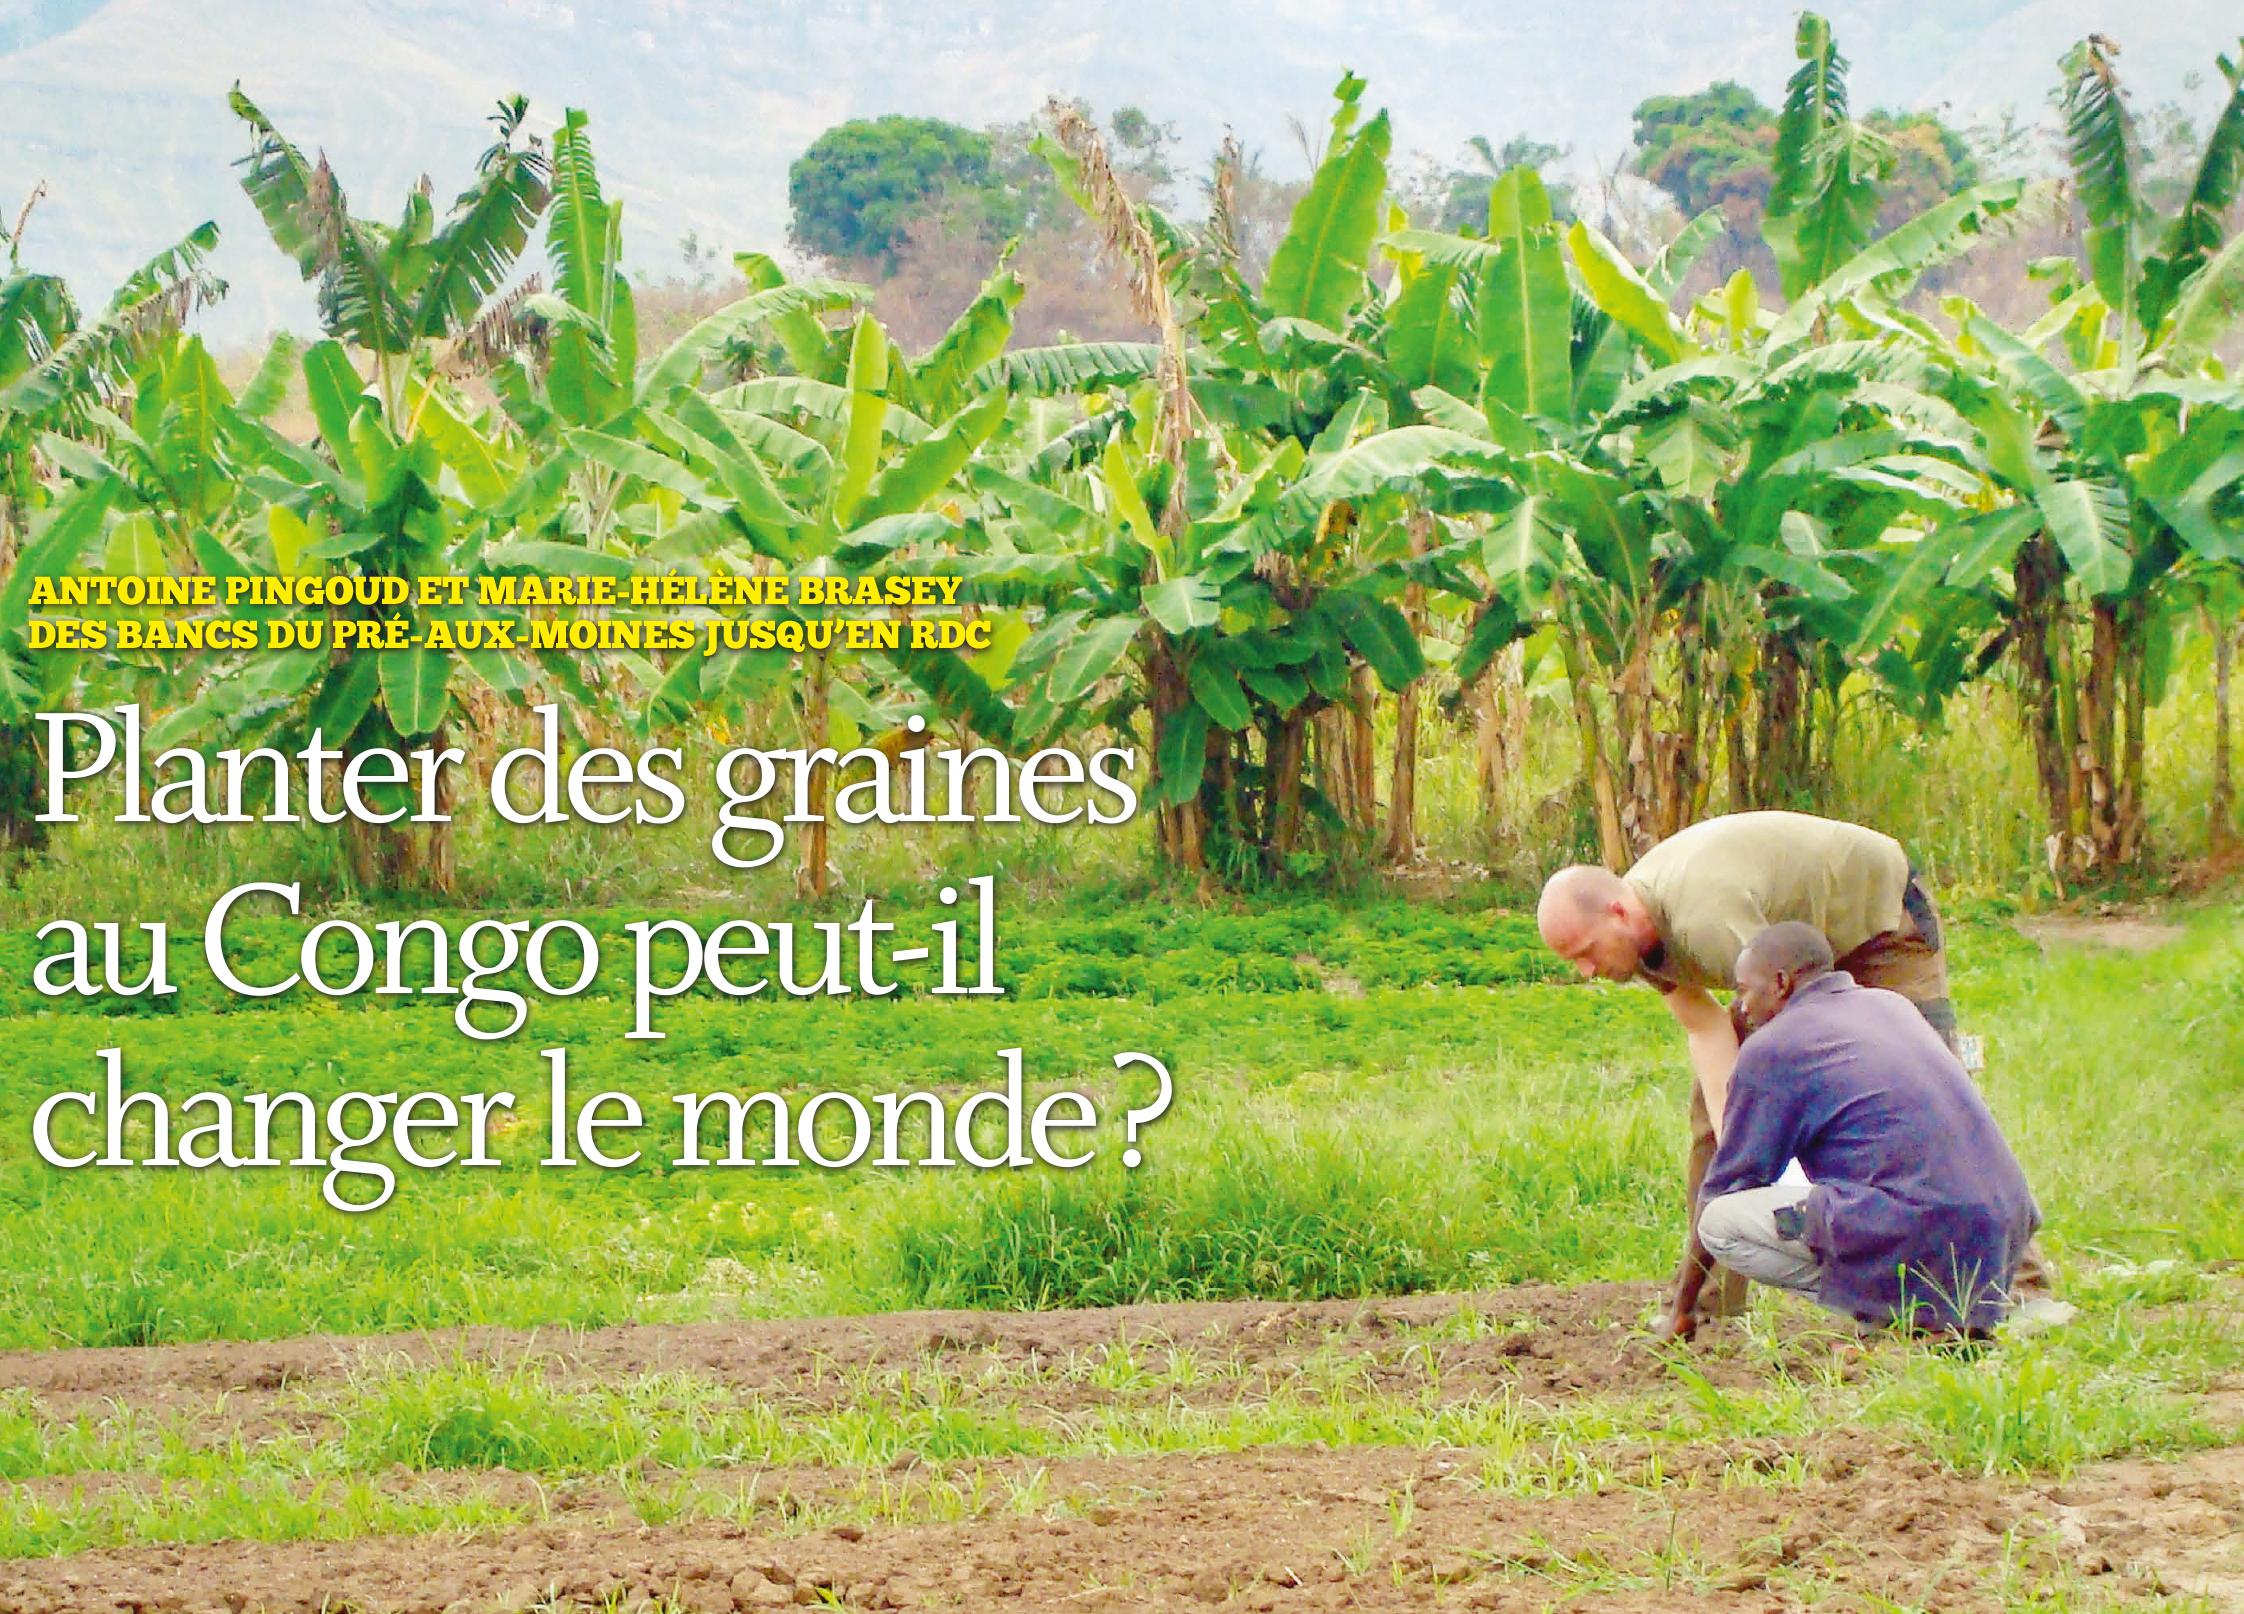 Planter des graines au Congo peut-il changer le monde ?